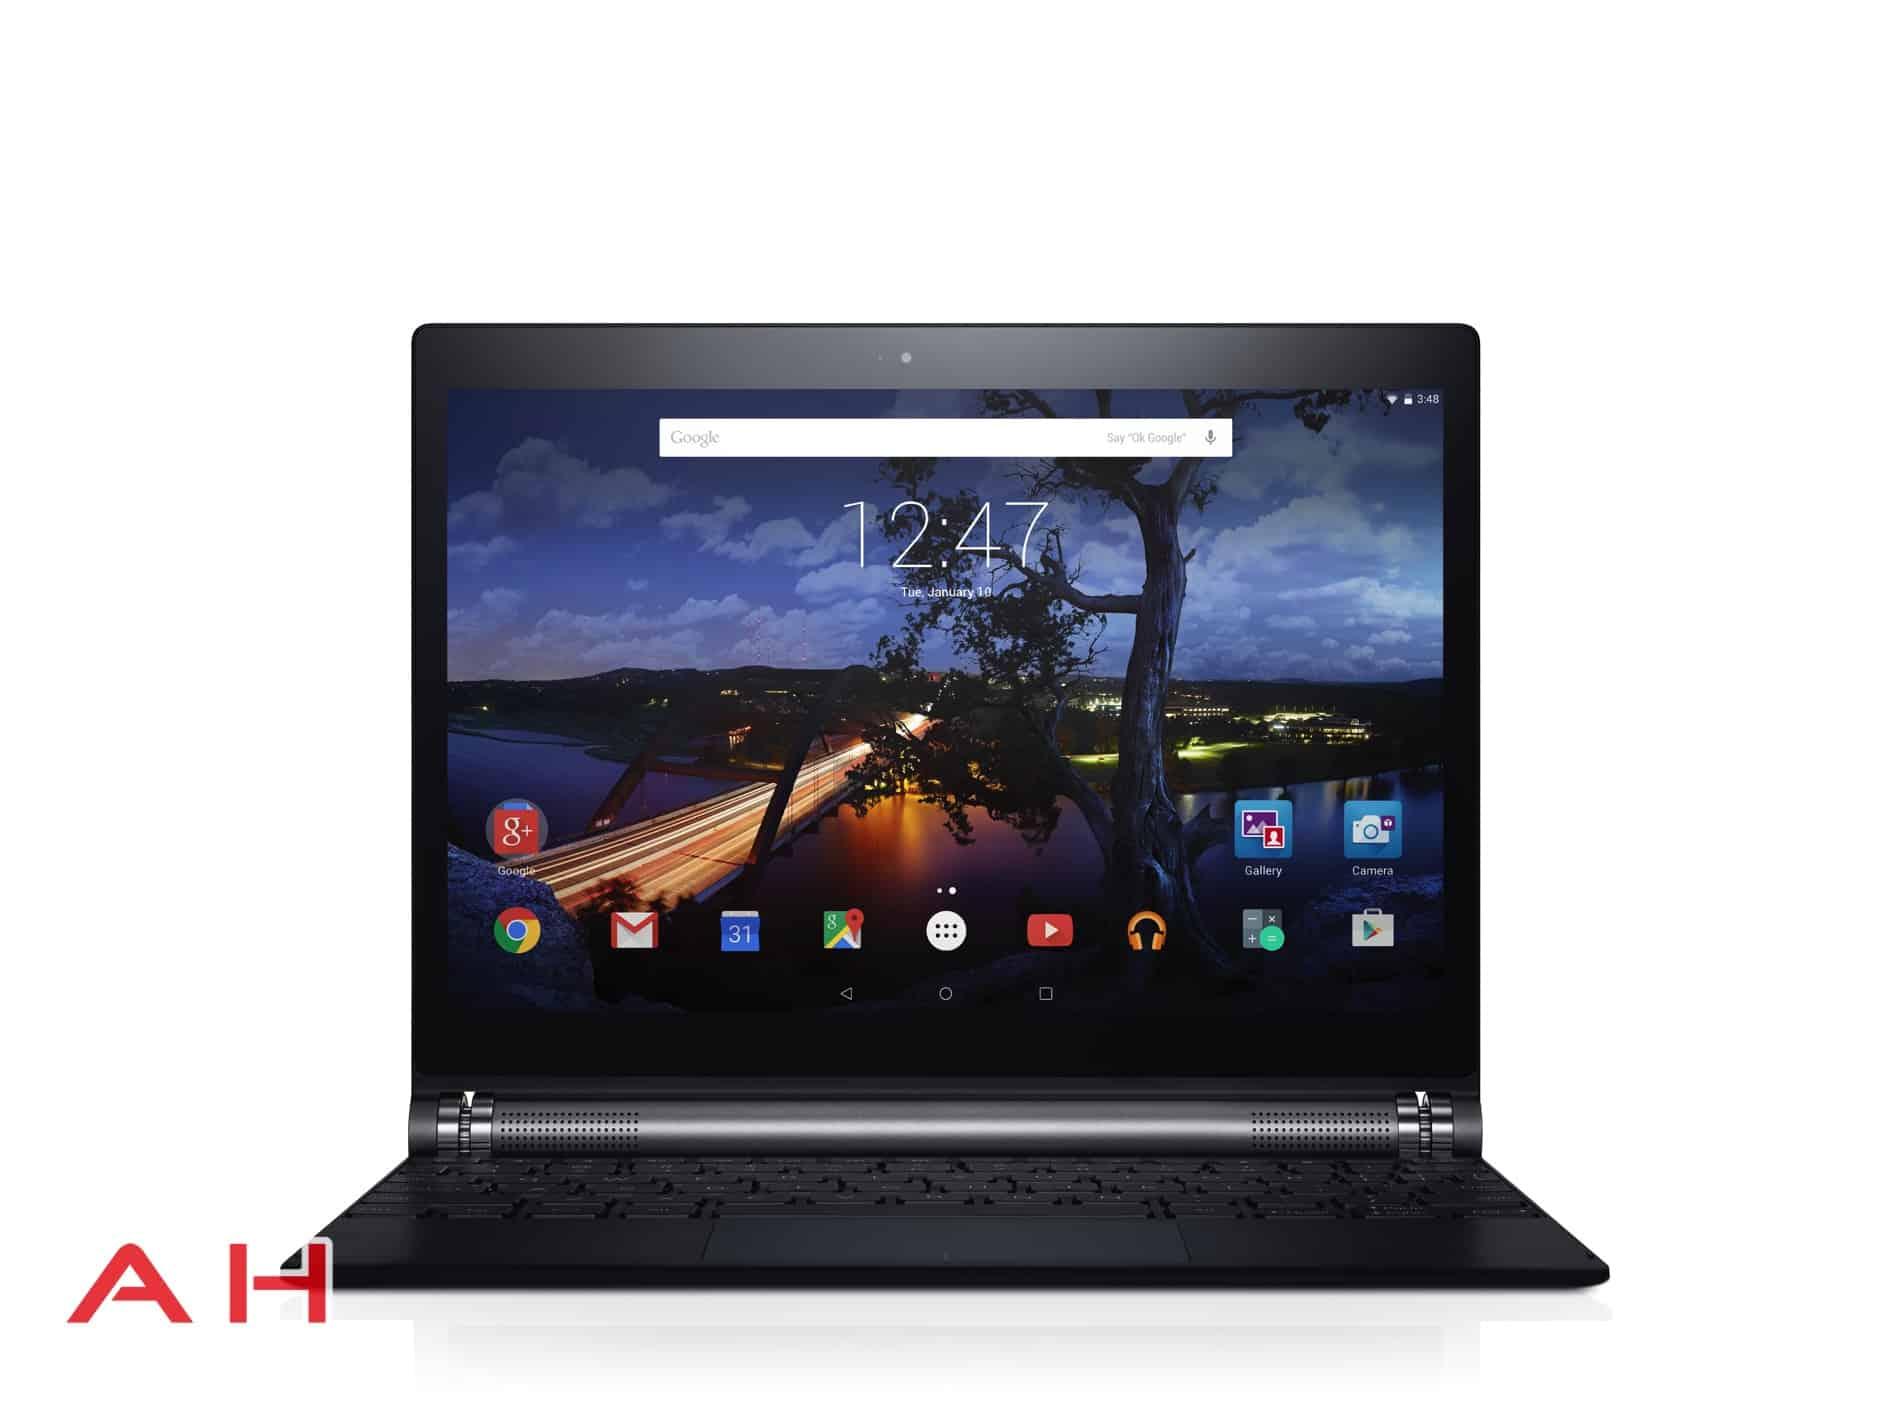 Dell Venue 10 AH 15